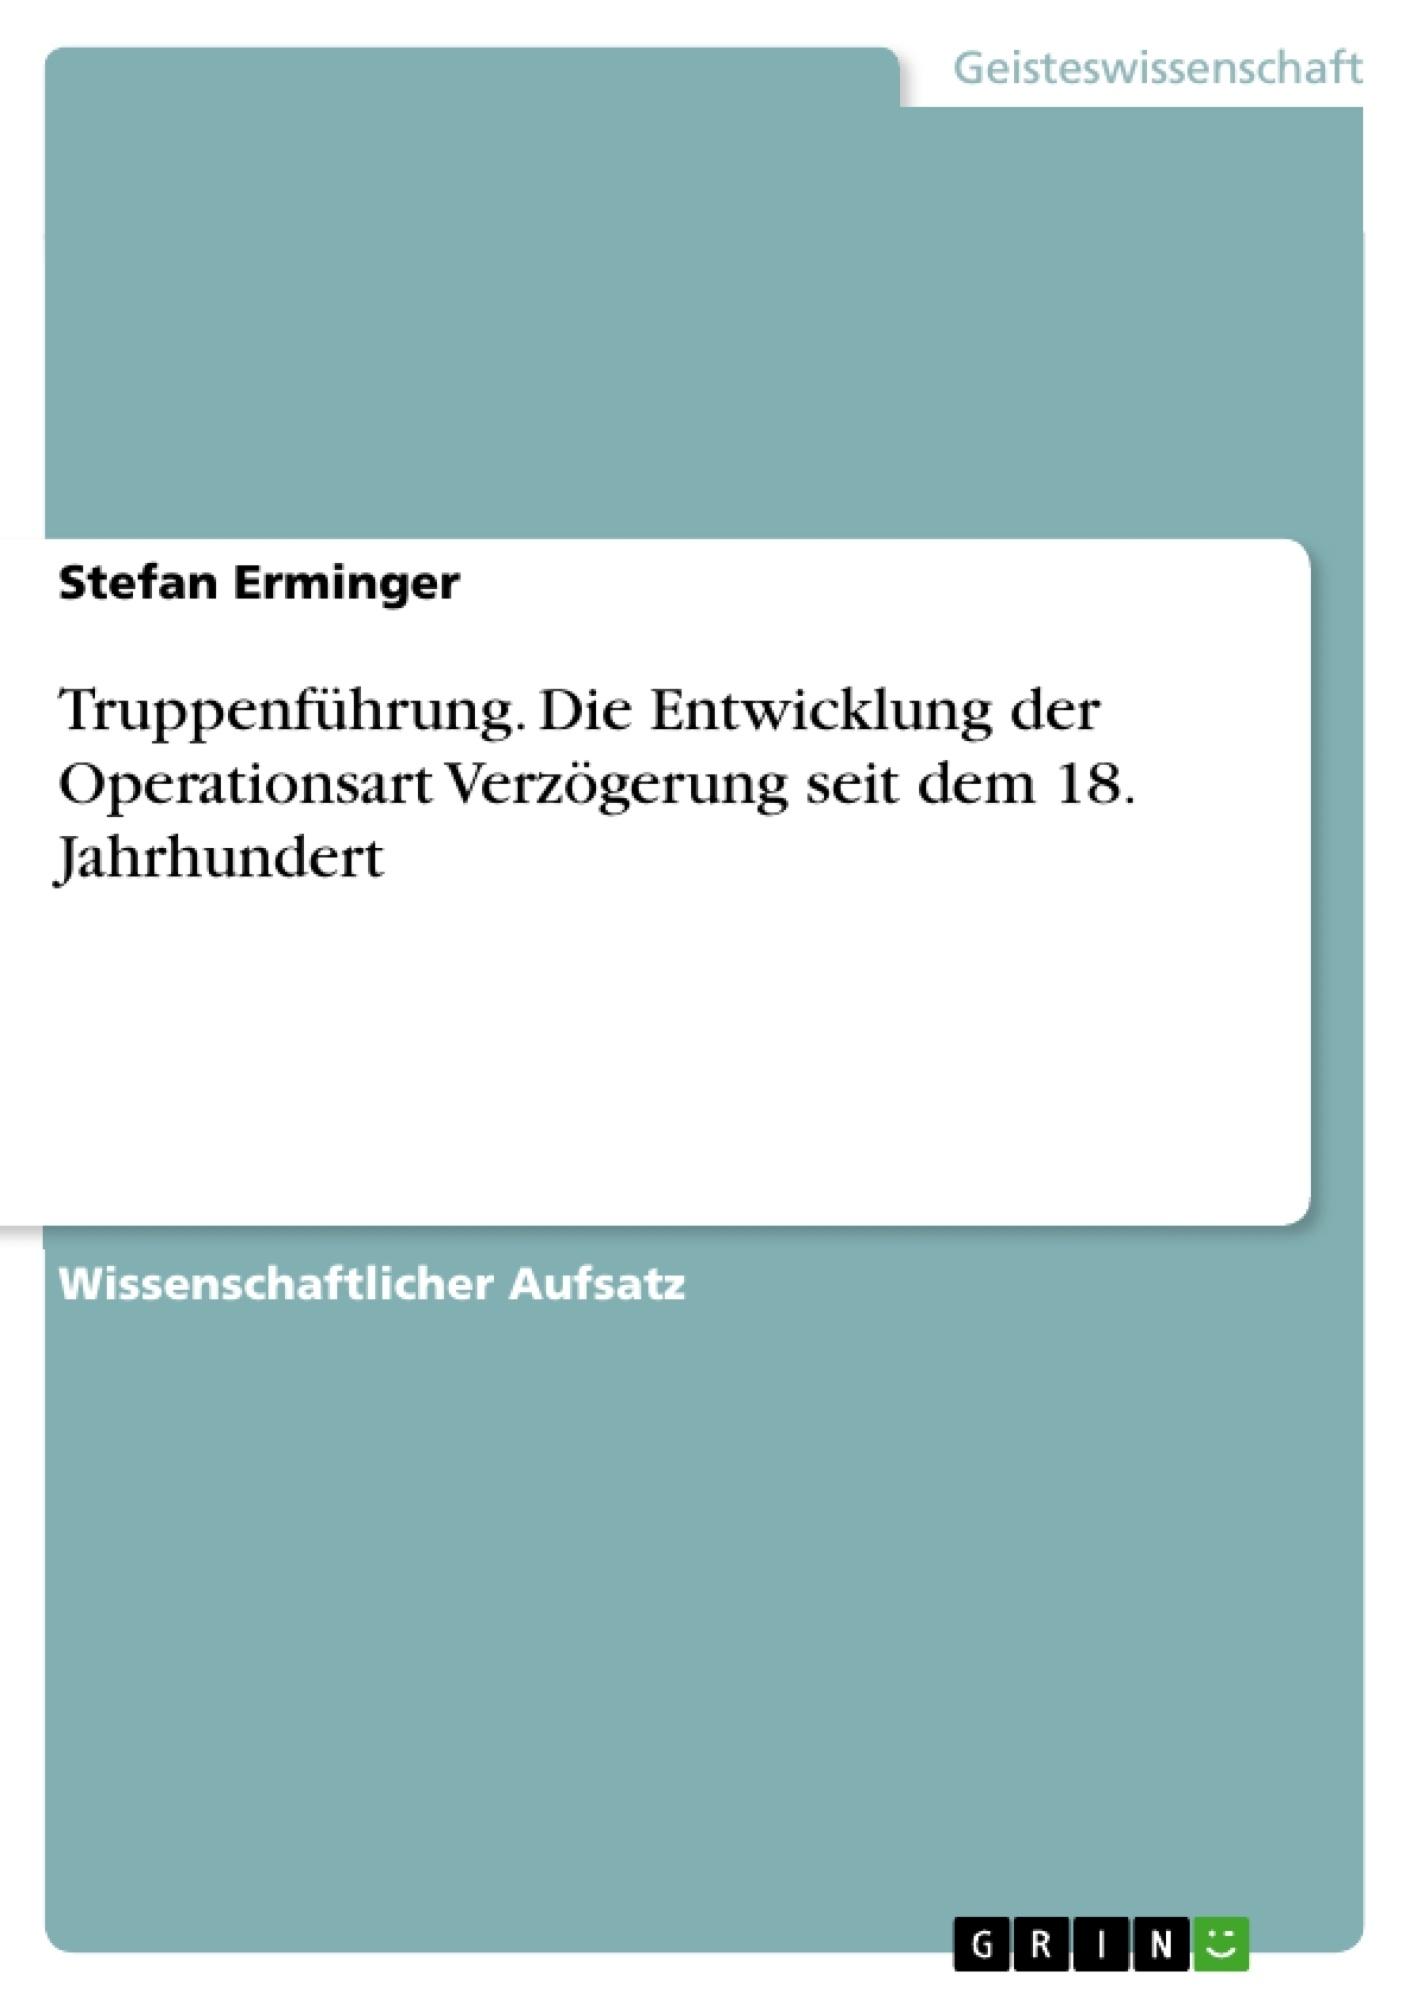 Titel: Truppenführung. Die Entwicklung der Operationsart Verzögerung seit dem 18. Jahrhundert